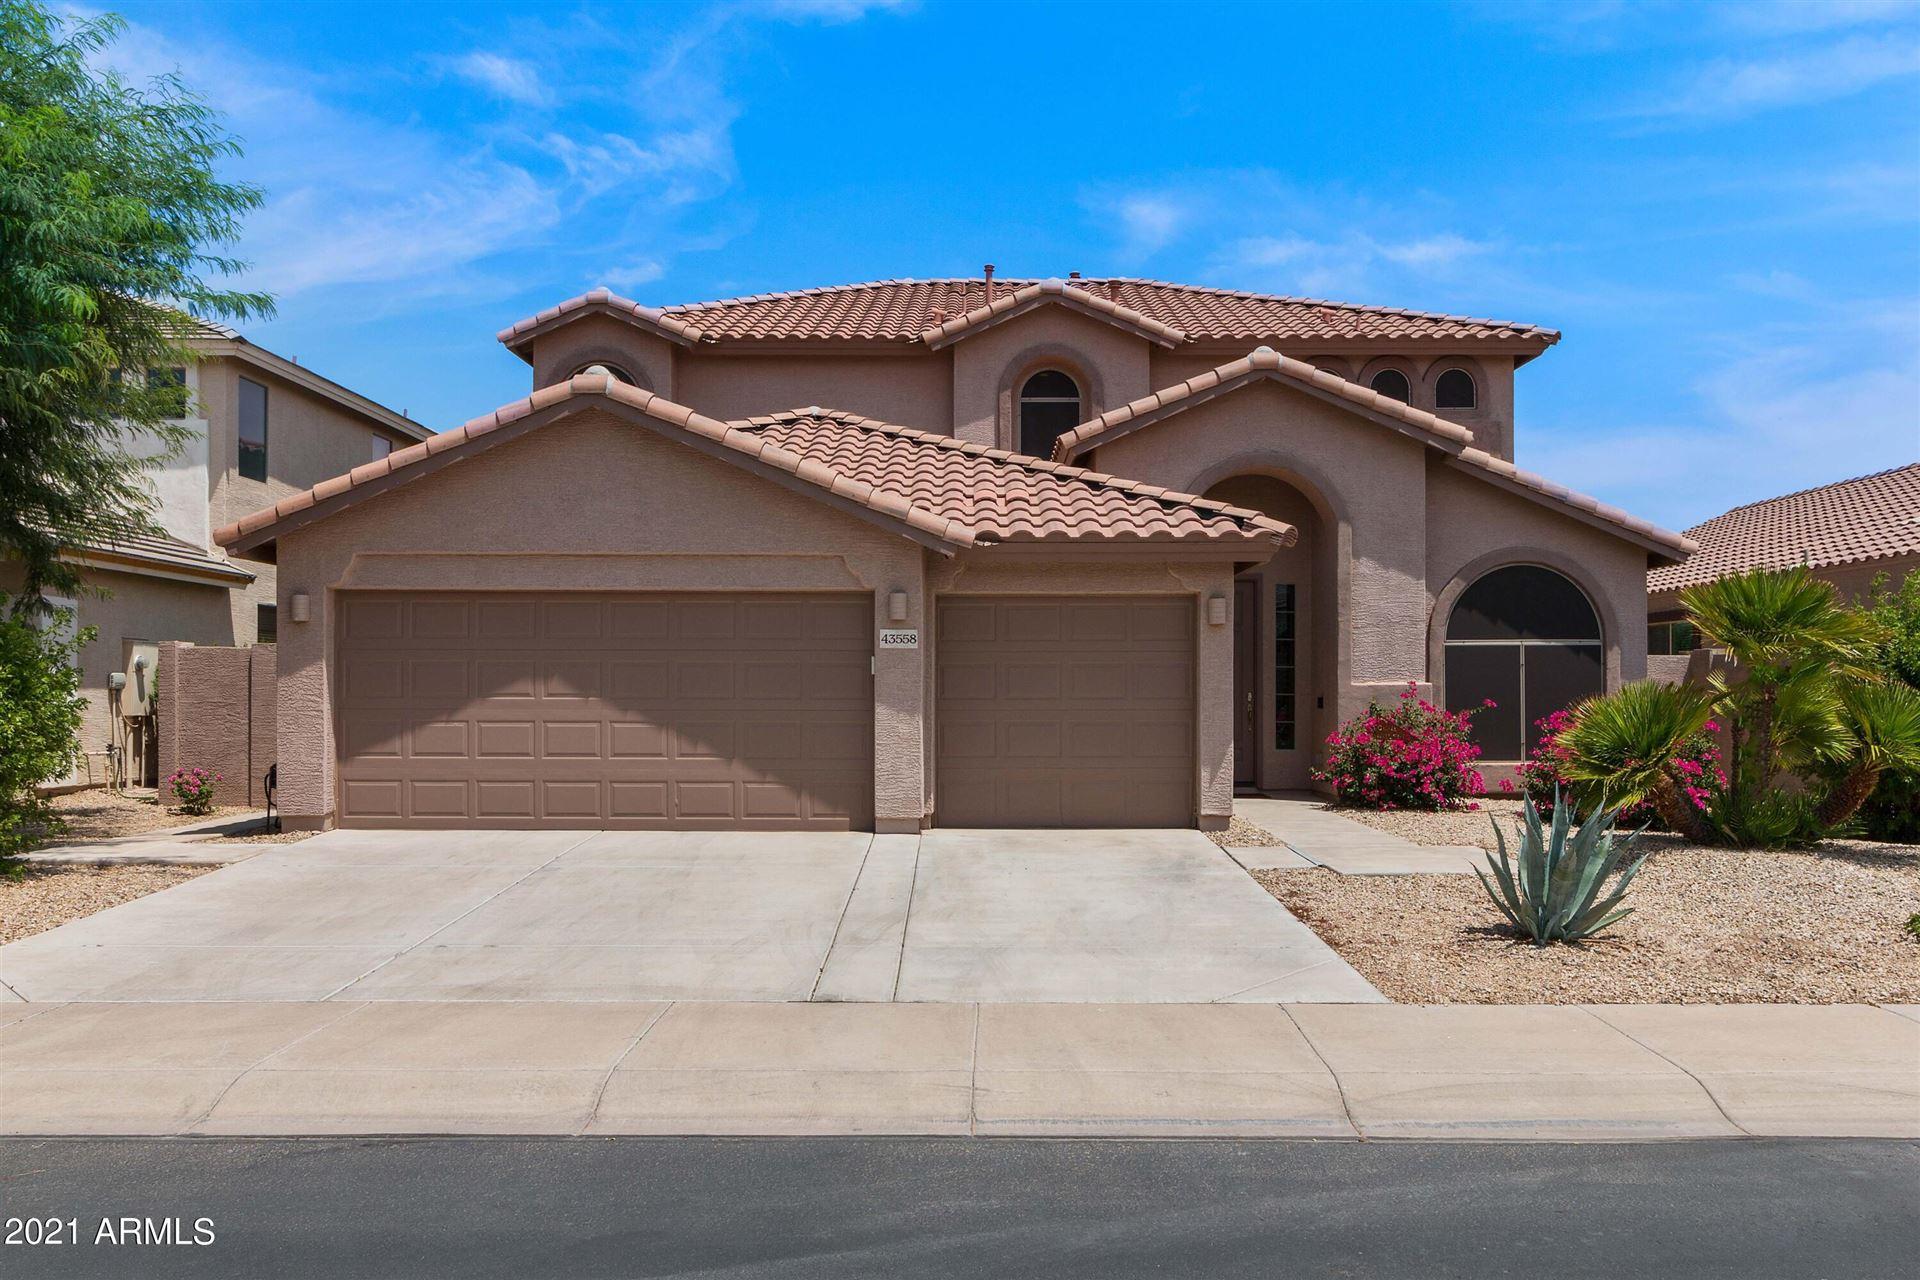 Photo for 43558 W SNOW Drive, Maricopa, AZ 85138 (MLS # 6267674)